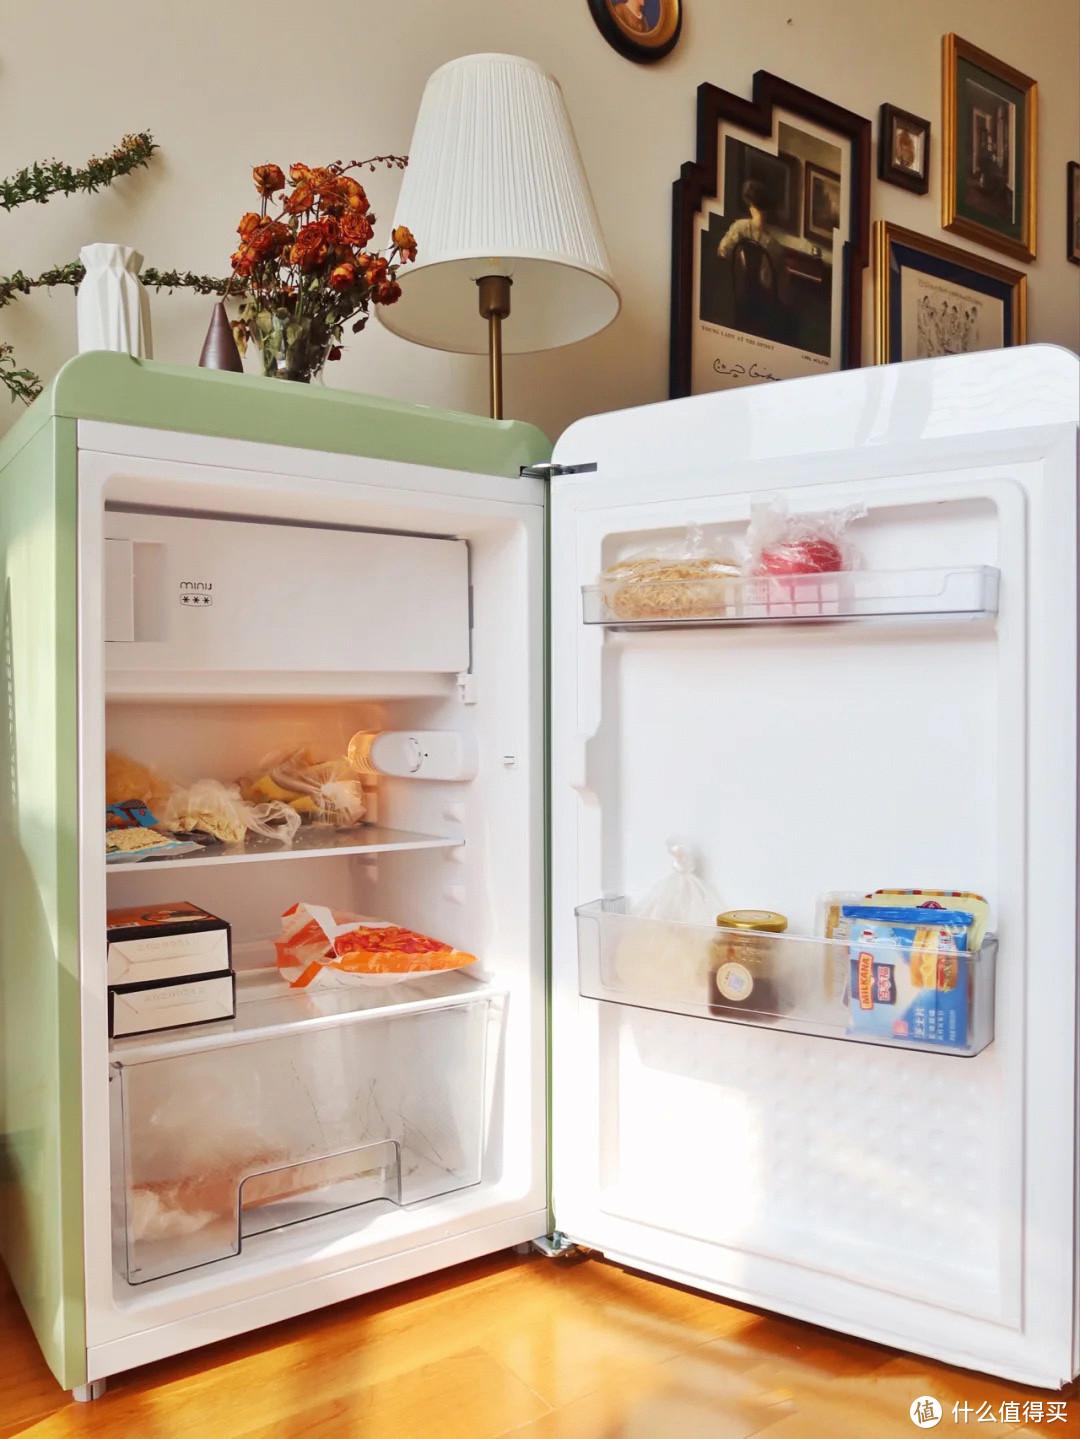 小吉冰箱种草:99%的冰箱都是大众脸,小吉迷你复古冰箱做剩下的1%